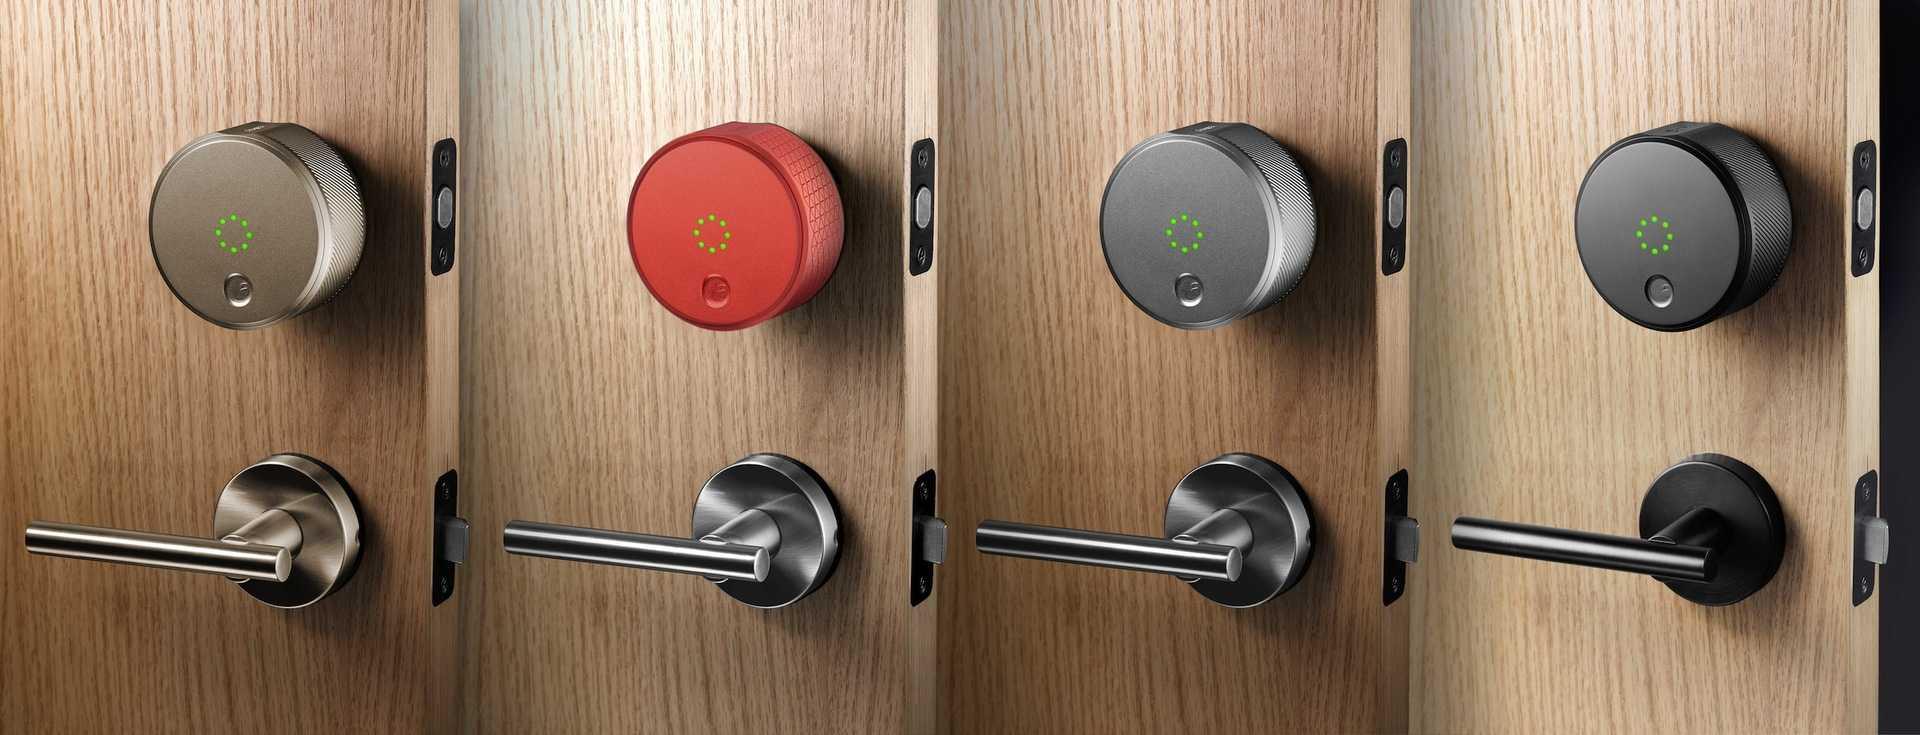 Представители Xiaomi показали специальную карту Aqara для работы с умными дверными замками своего производства Альтернатива для ключей весит всего 4 грамма и имеет